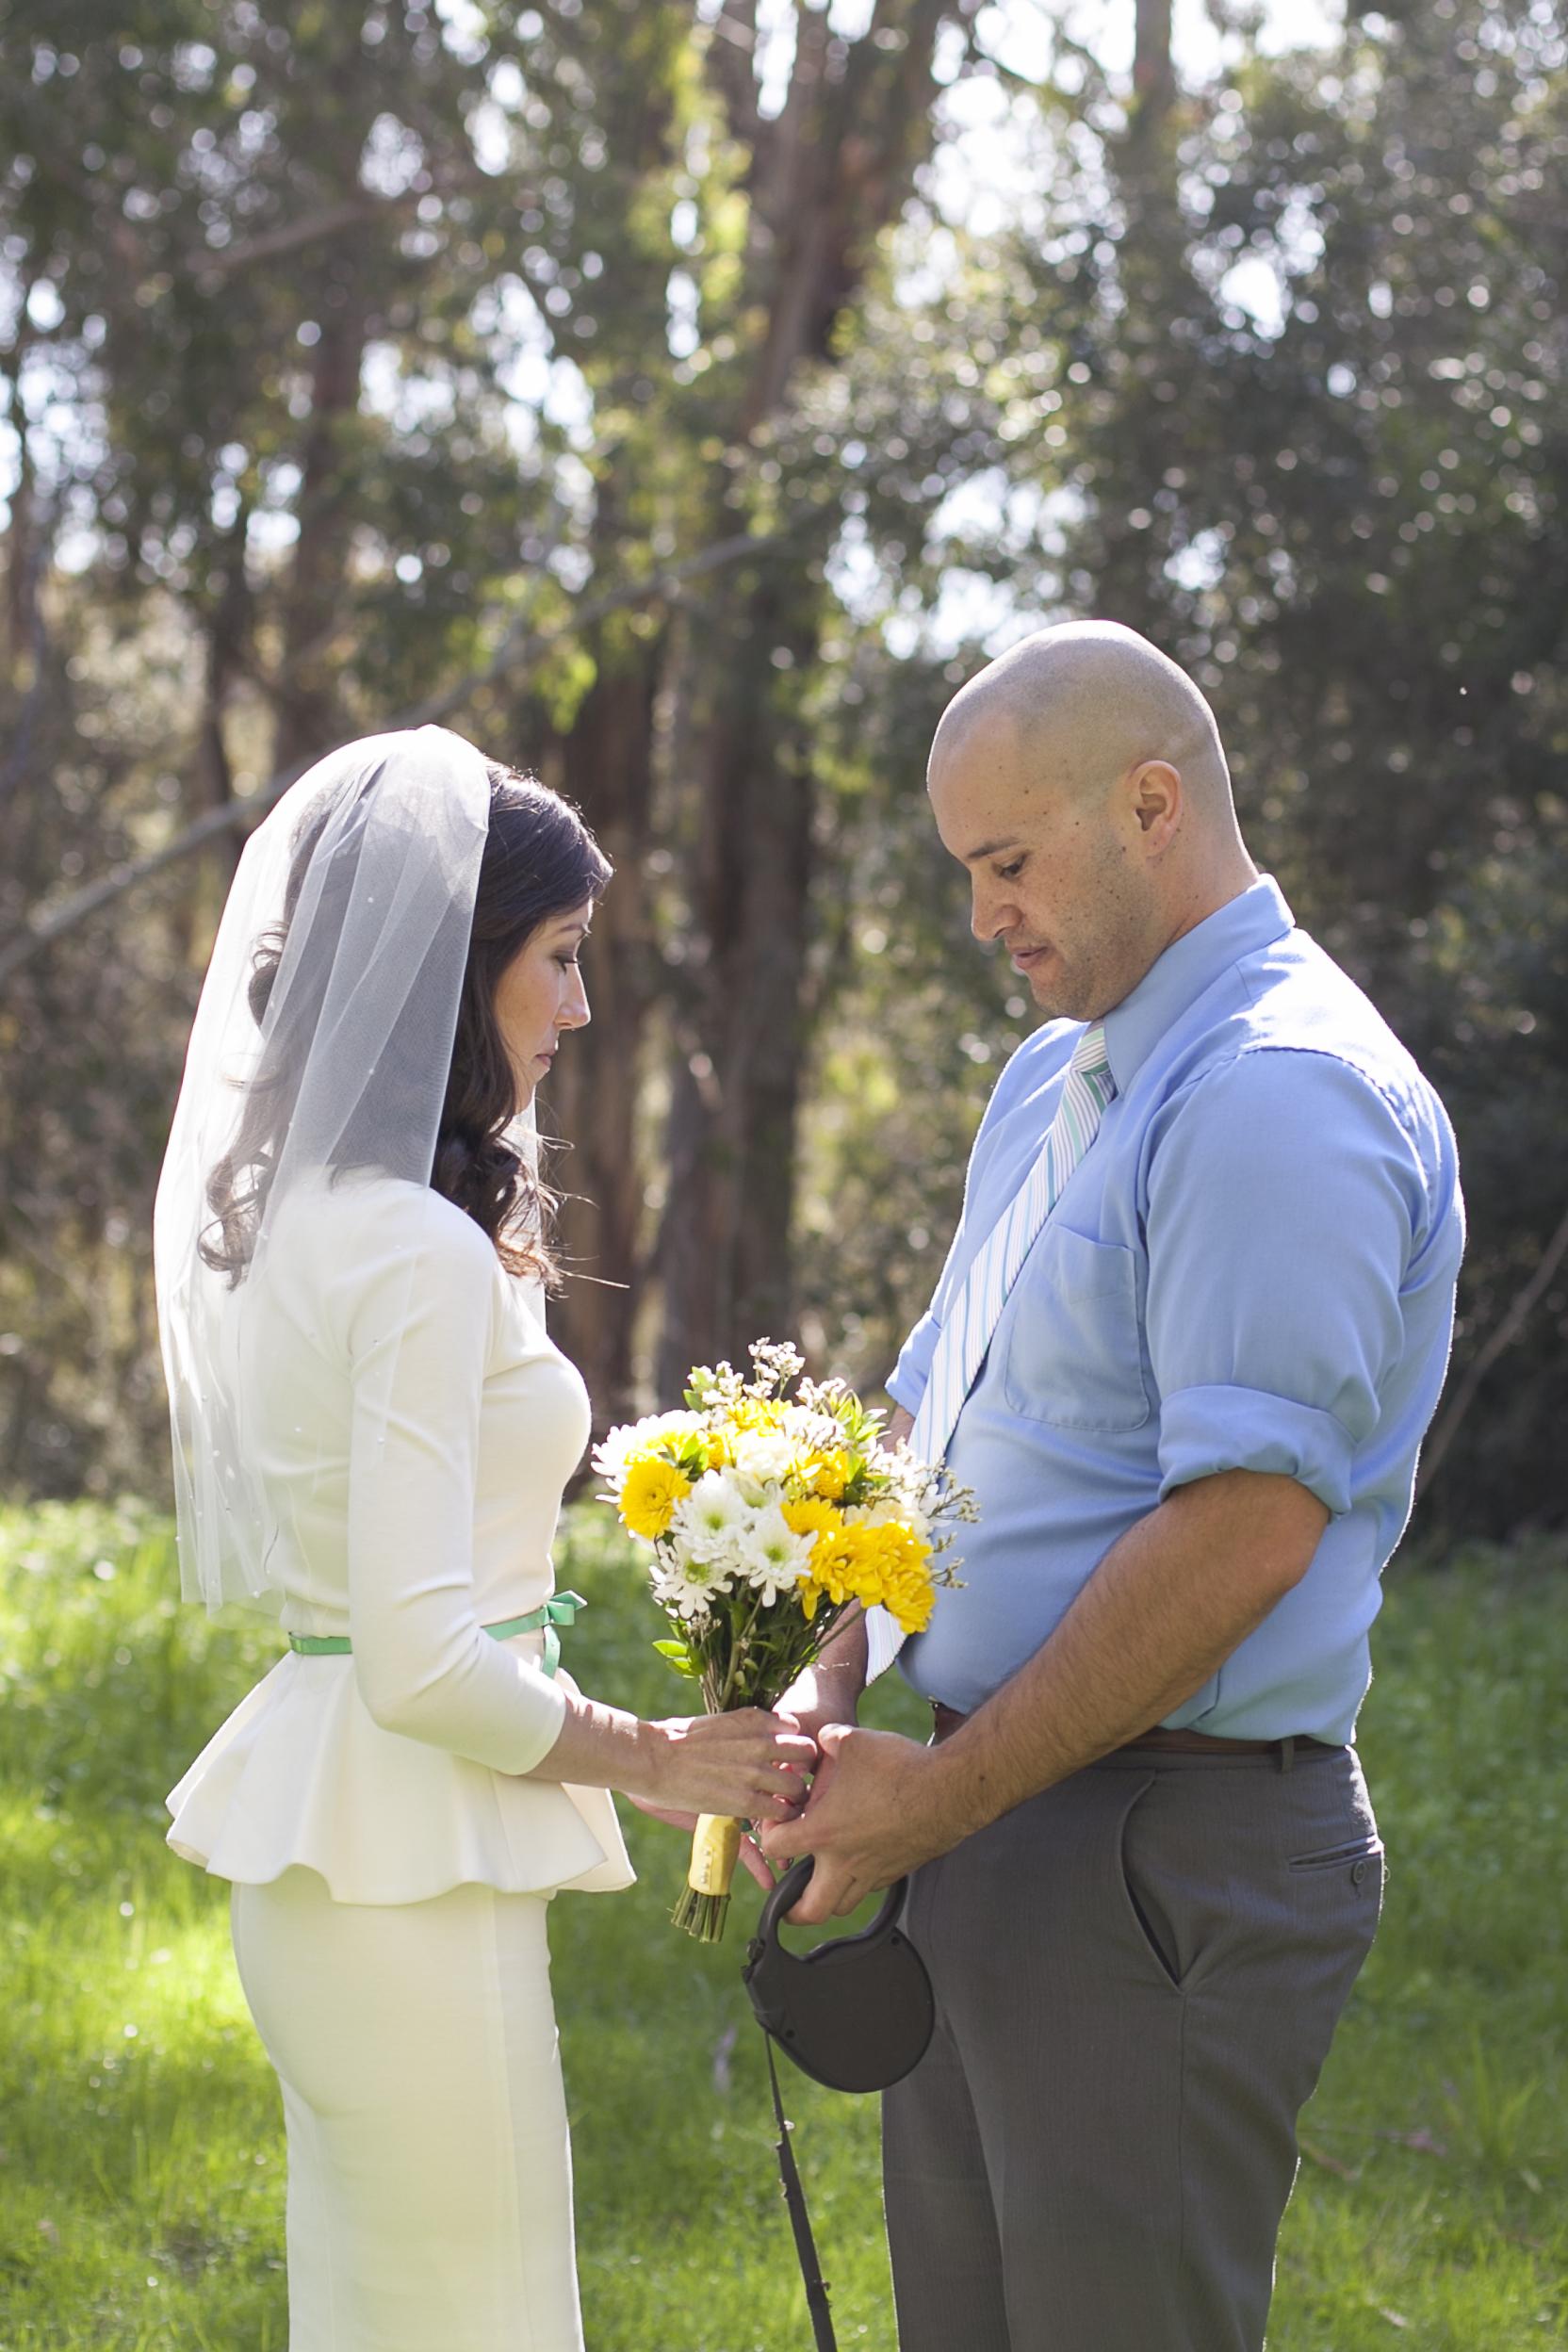 Tilden Park Berkeley Wedding Photographer-Meo Baaklini005.jpg